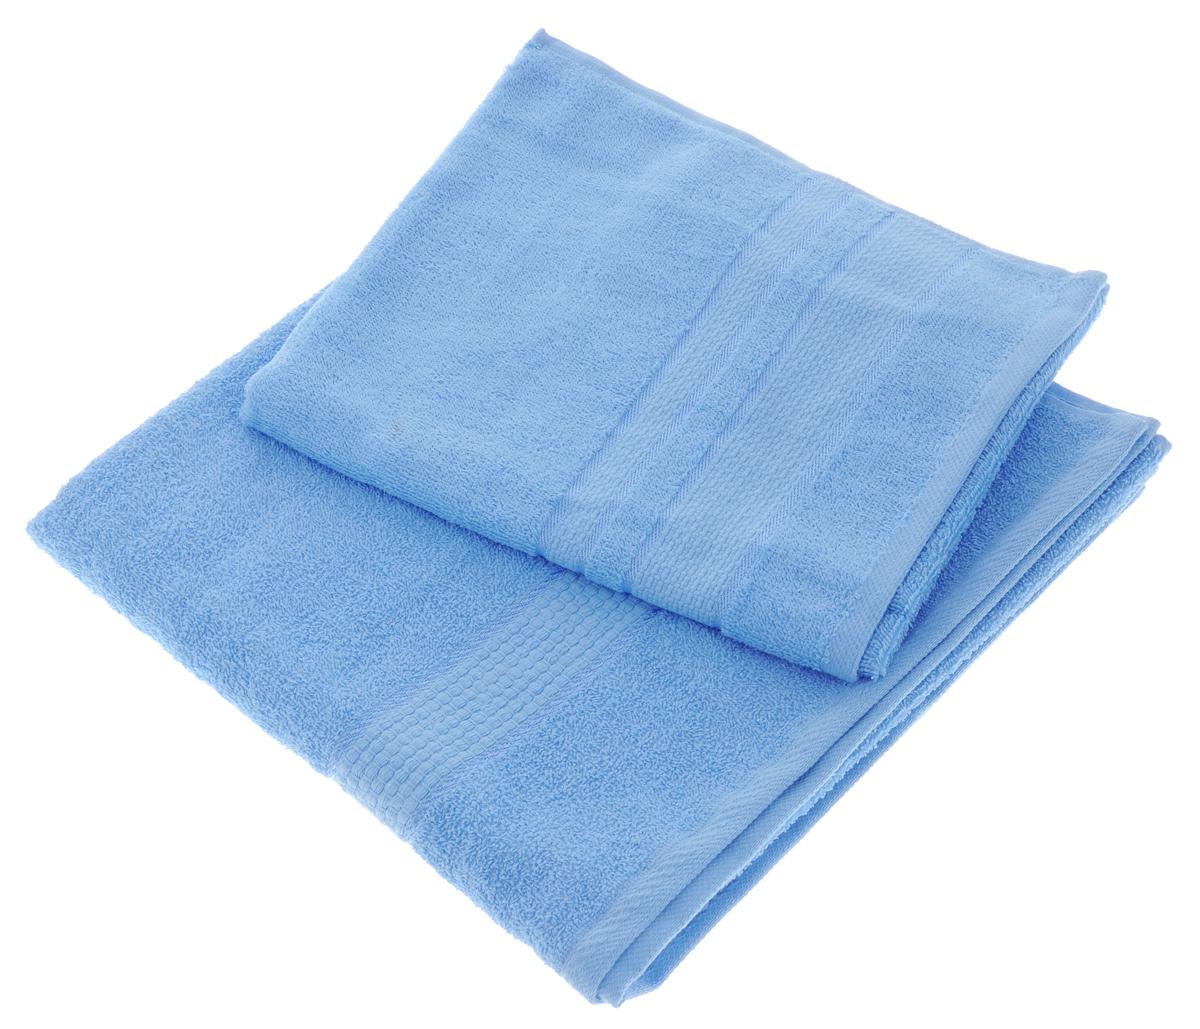 Набор махровых полотенец Aisha Home Textile, цвет: голубой, 2 шт. УзТ-НПМ-102УзТ-НПМ-102-06Набор Aisha Home Textile состоит из двух махровых полотенец разного размера. В состав входит только натуральное волокно - 100% хлопок. Лаконичные бордюры подойдут для любого интерьера ванной комнаты. Полотенца прекрасно впитывают влагу и быстро сохнут. При соблюдении рекомендаций по уходу не линяют и не теряют форму даже после многократных стирок.Комплектация: 2 шт.